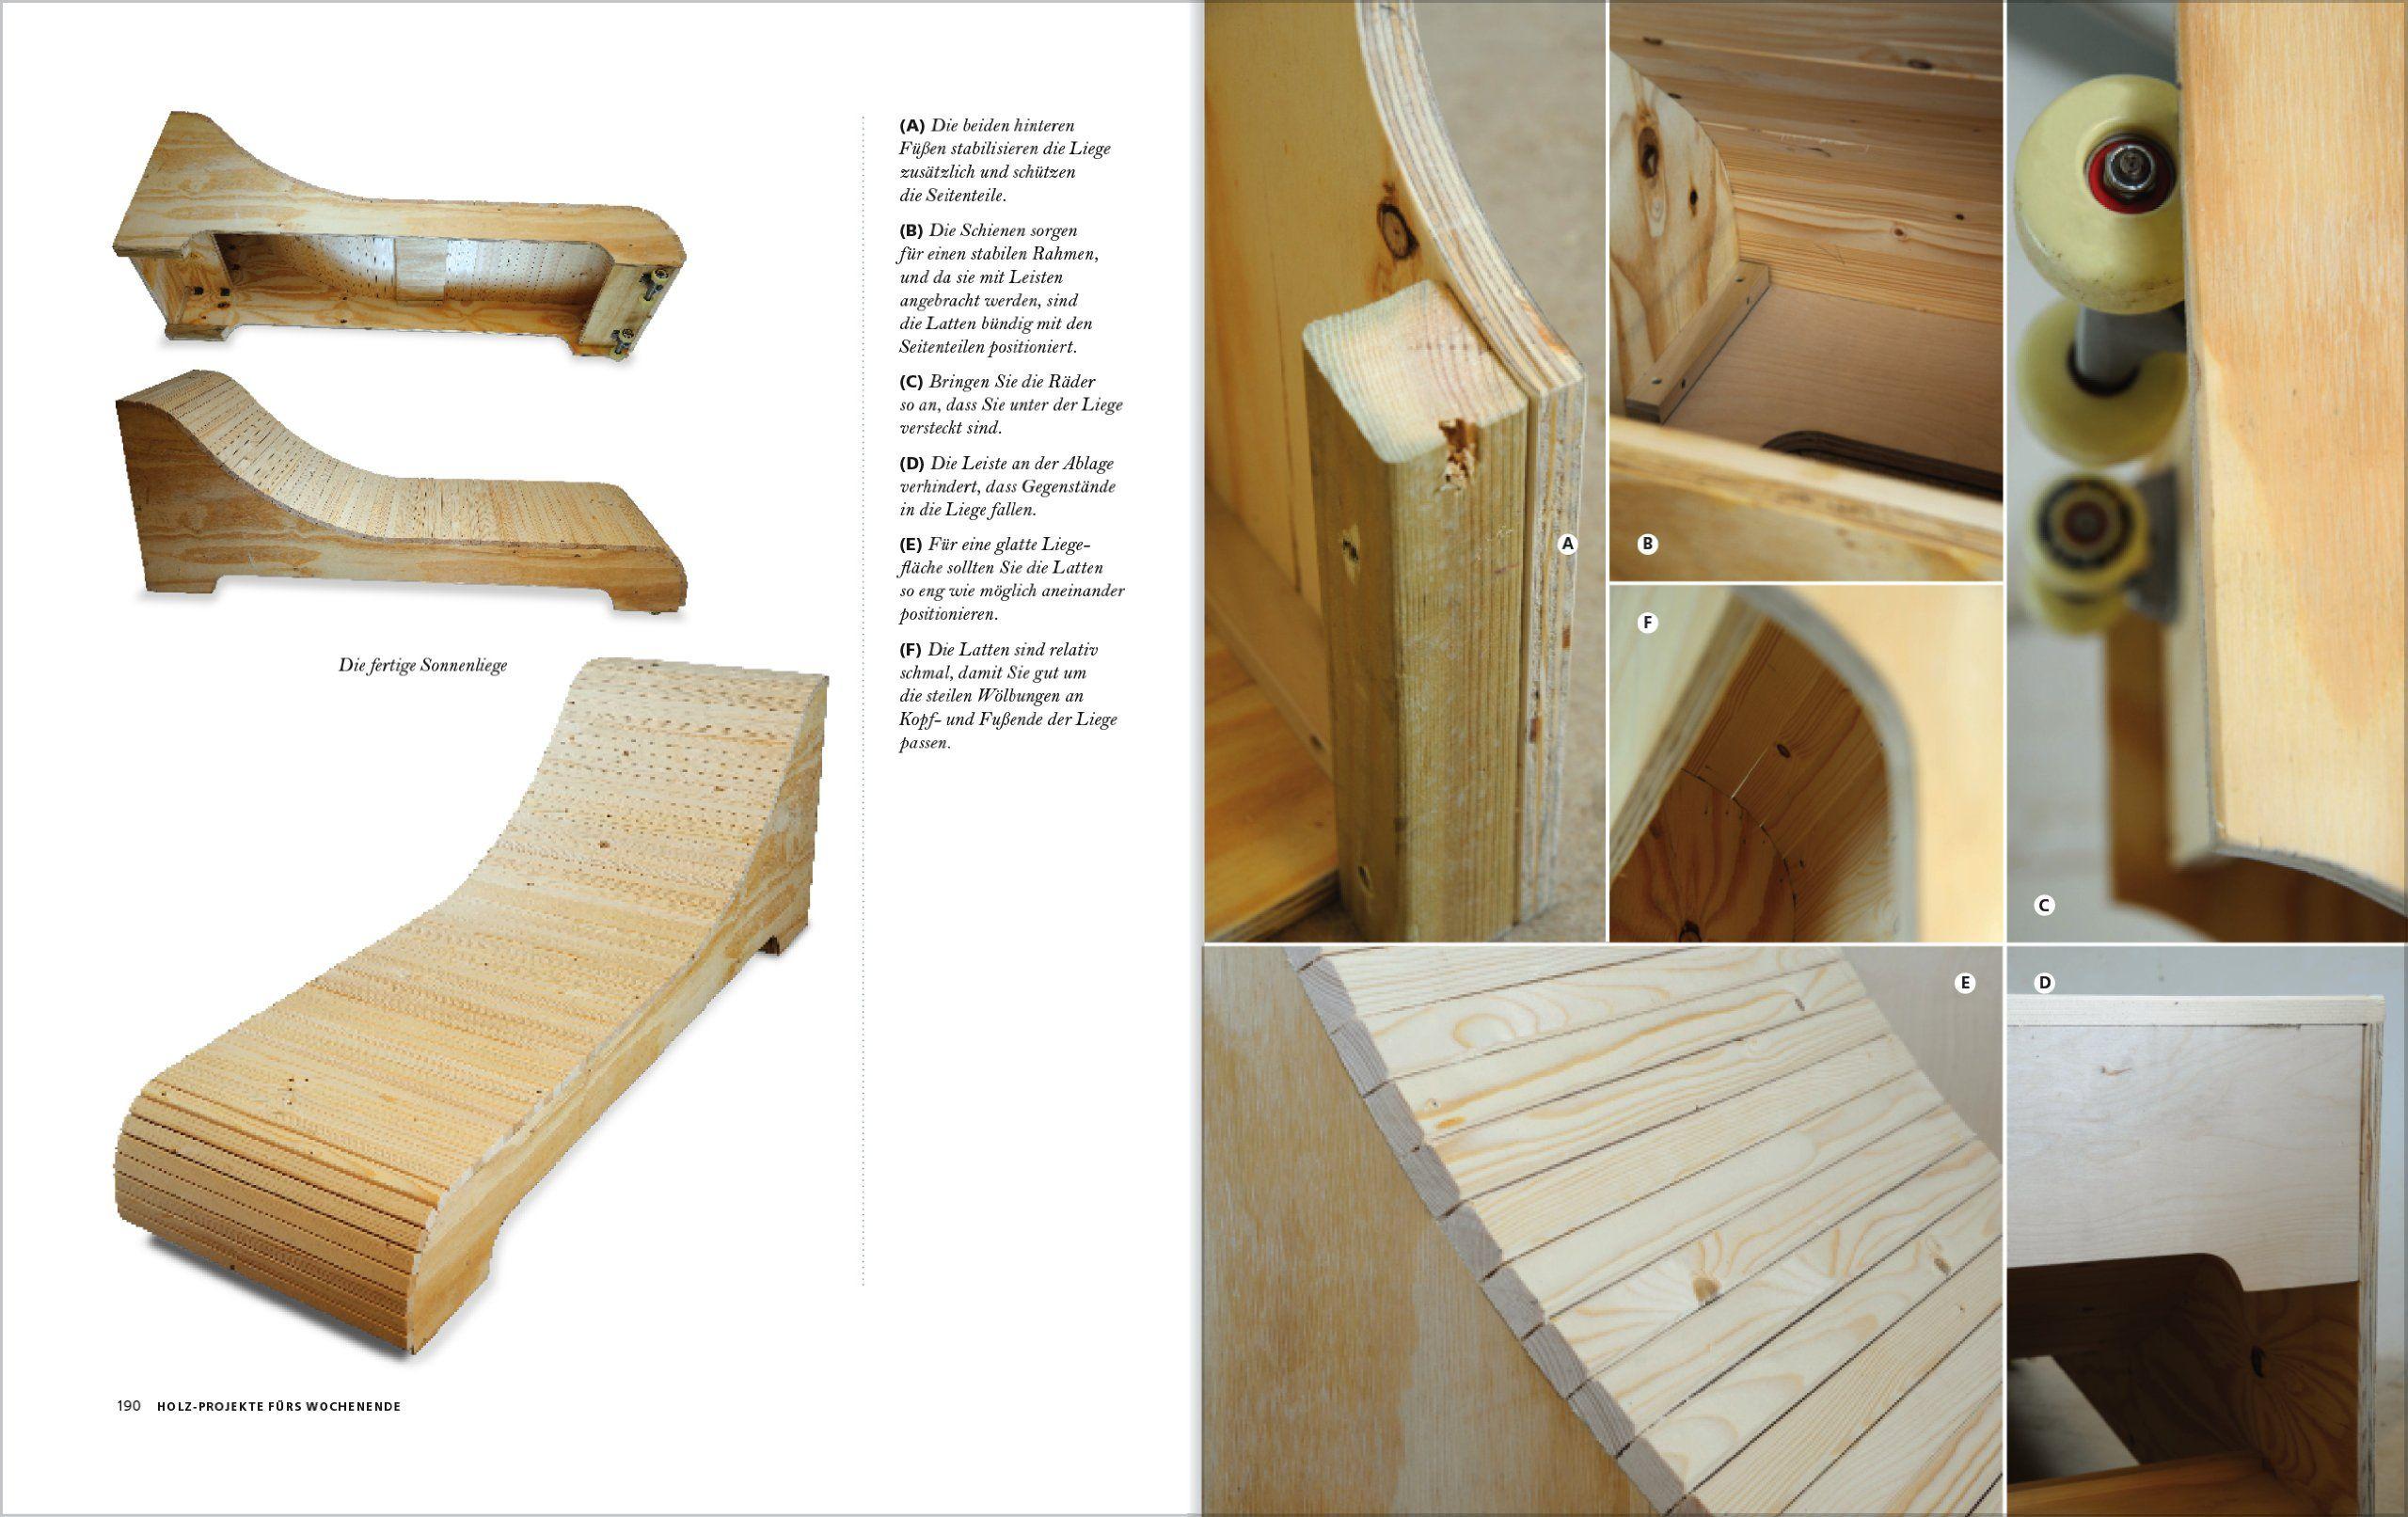 Holz-Projekte fürs Wochenende: Bretter, Kisten & Co. wiederverwenden.: Amazon.de: Mark Griffiths: Bücher